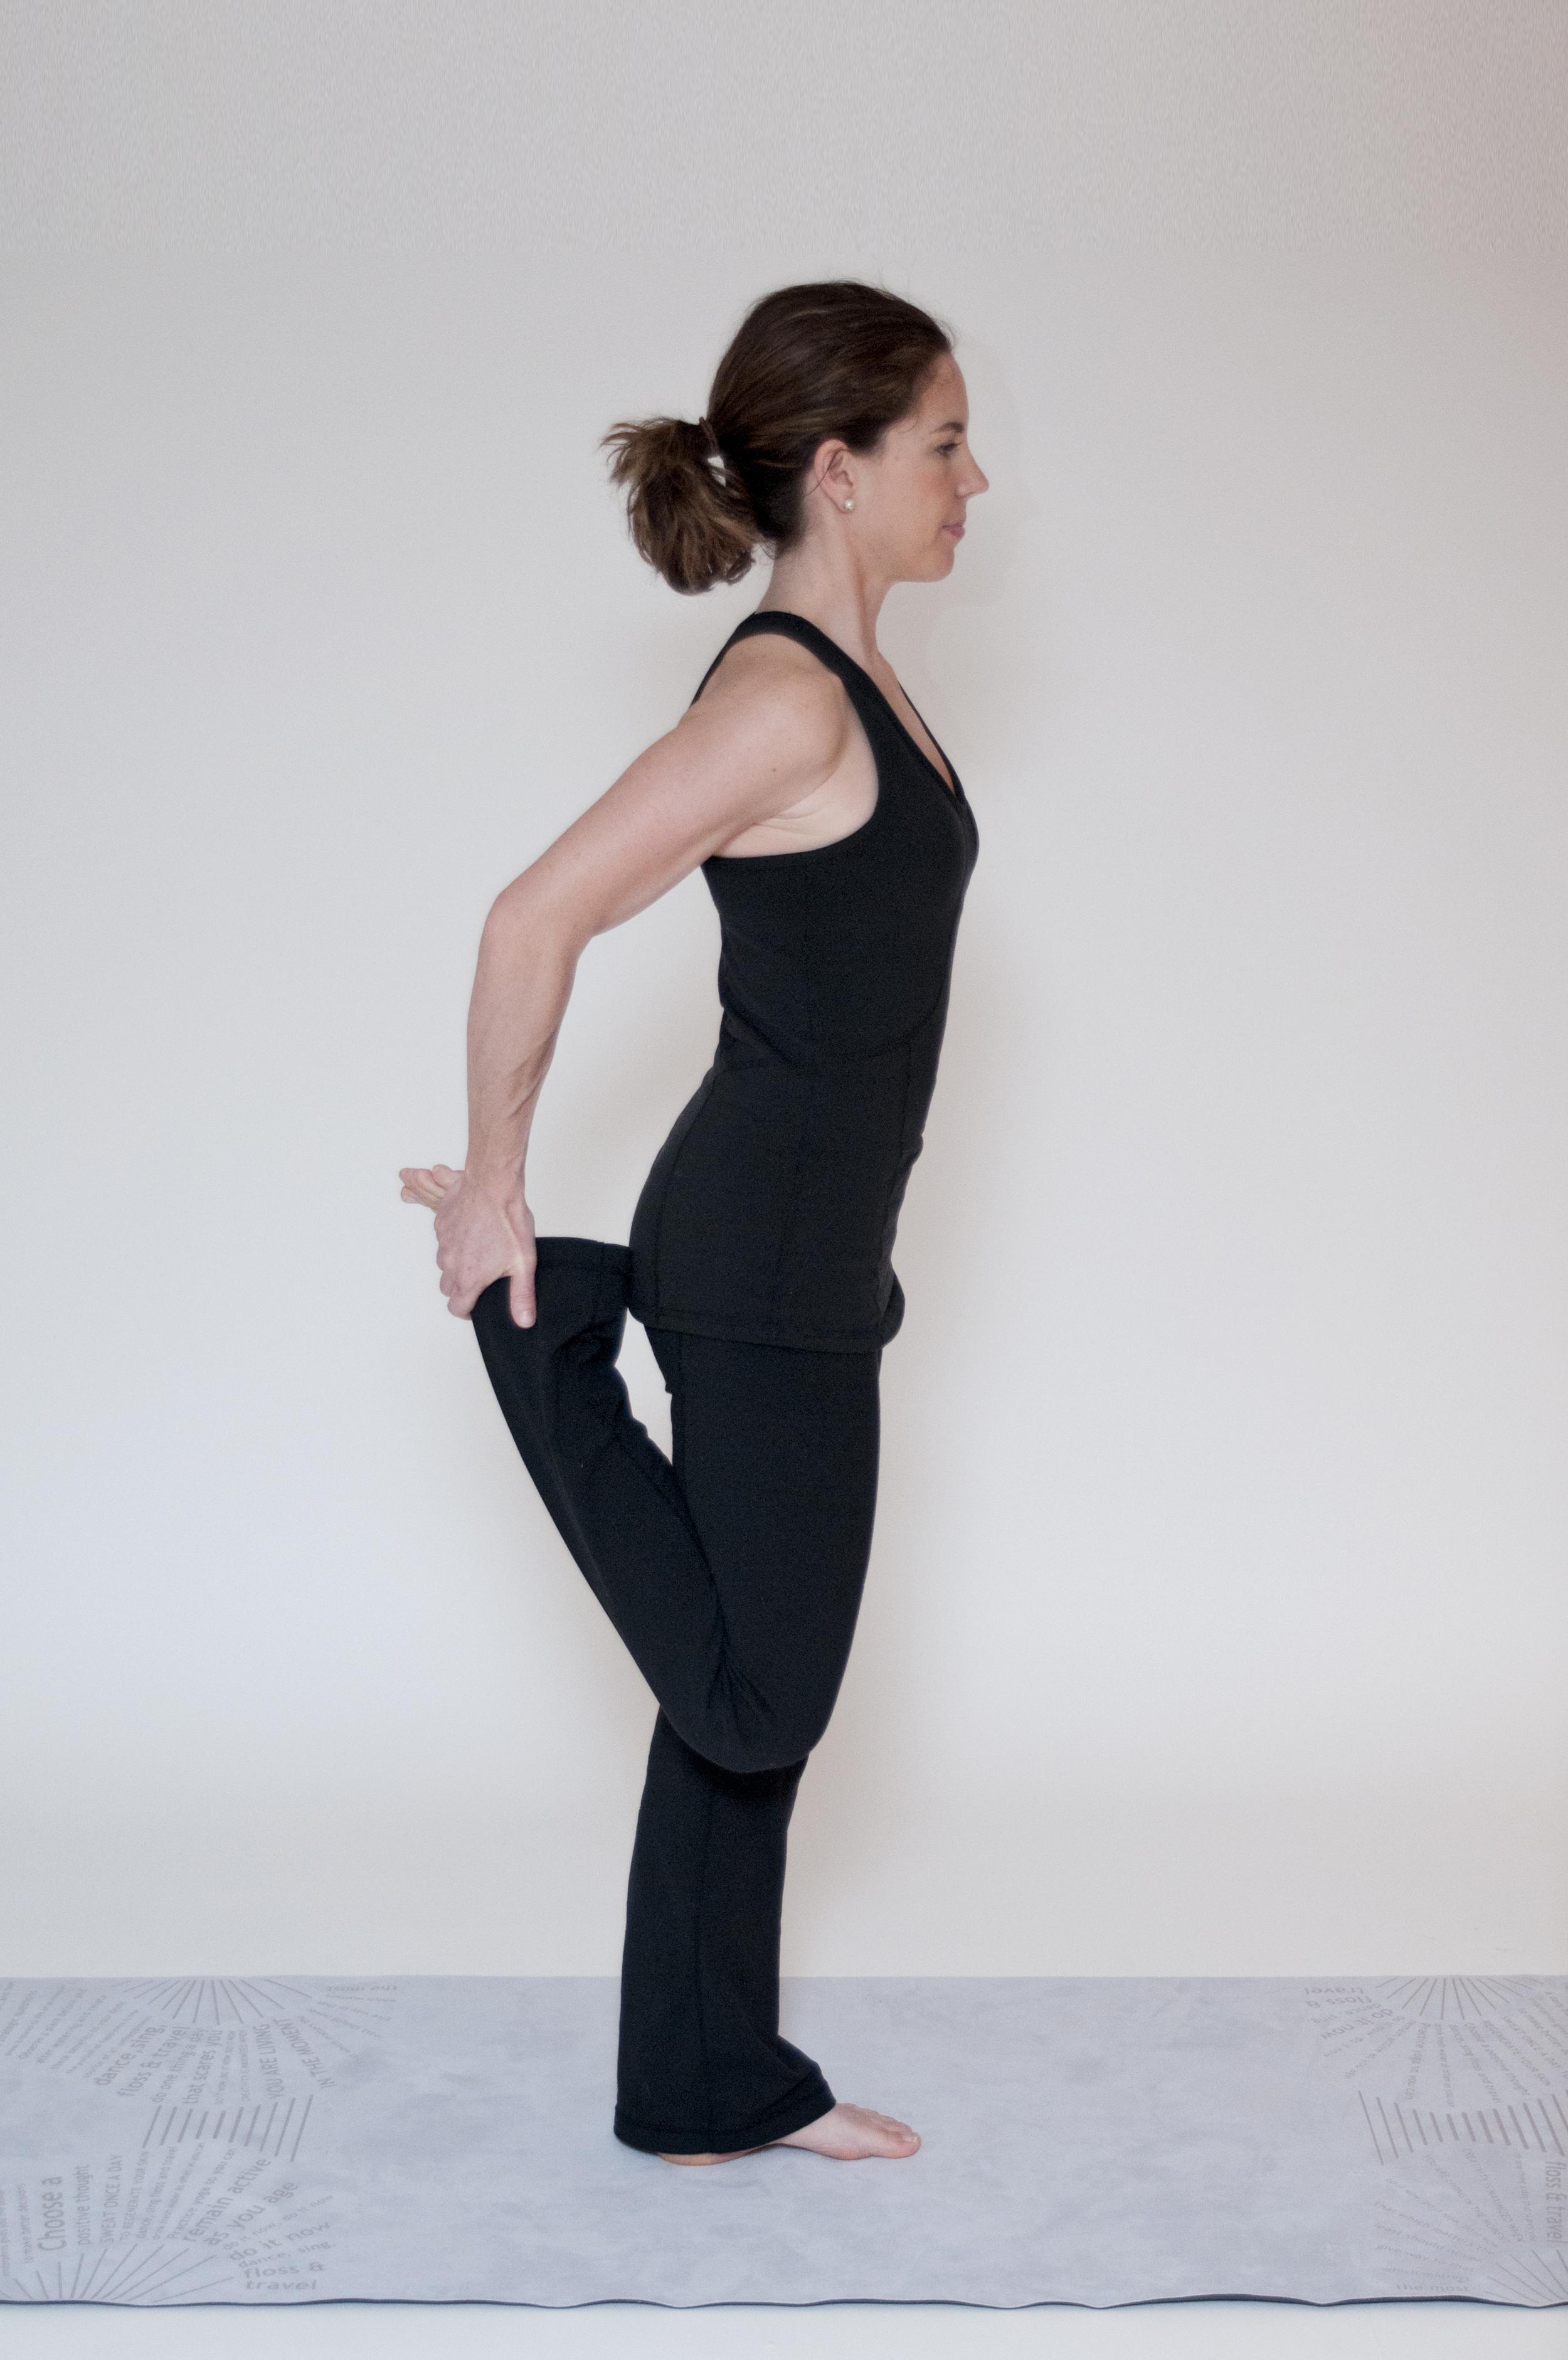 Quad Stretch (side view)